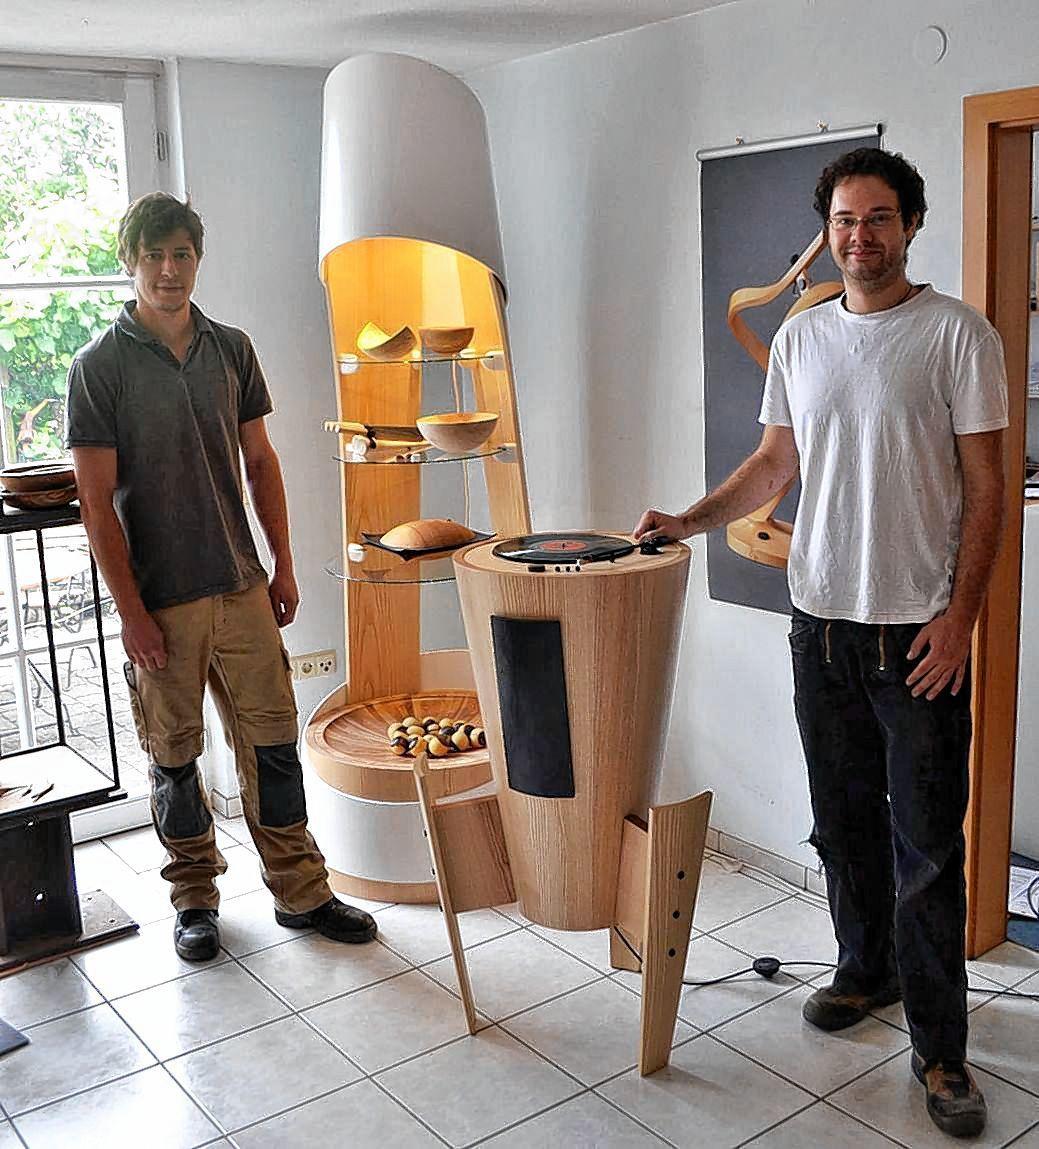 schnittstelle aus design handwerk und kunst niederstetten creglingen main tauber region. Black Bedroom Furniture Sets. Home Design Ideas